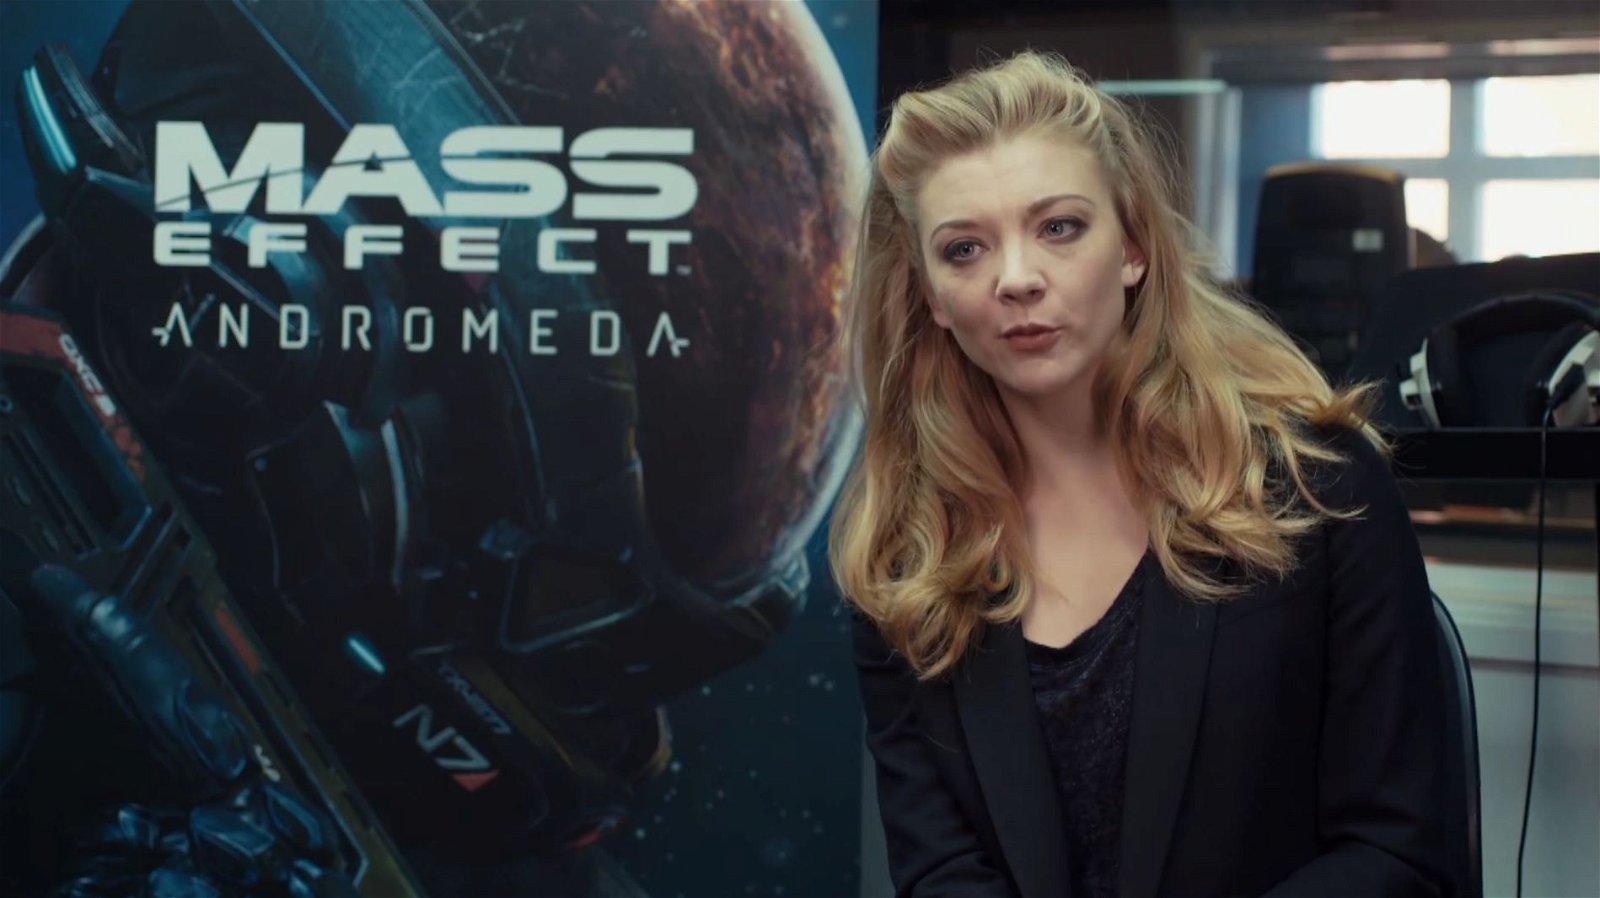 Mass Effect: Andromeda: Natalie Dormer, de Juego de Tronos, dará su voz al videojuego